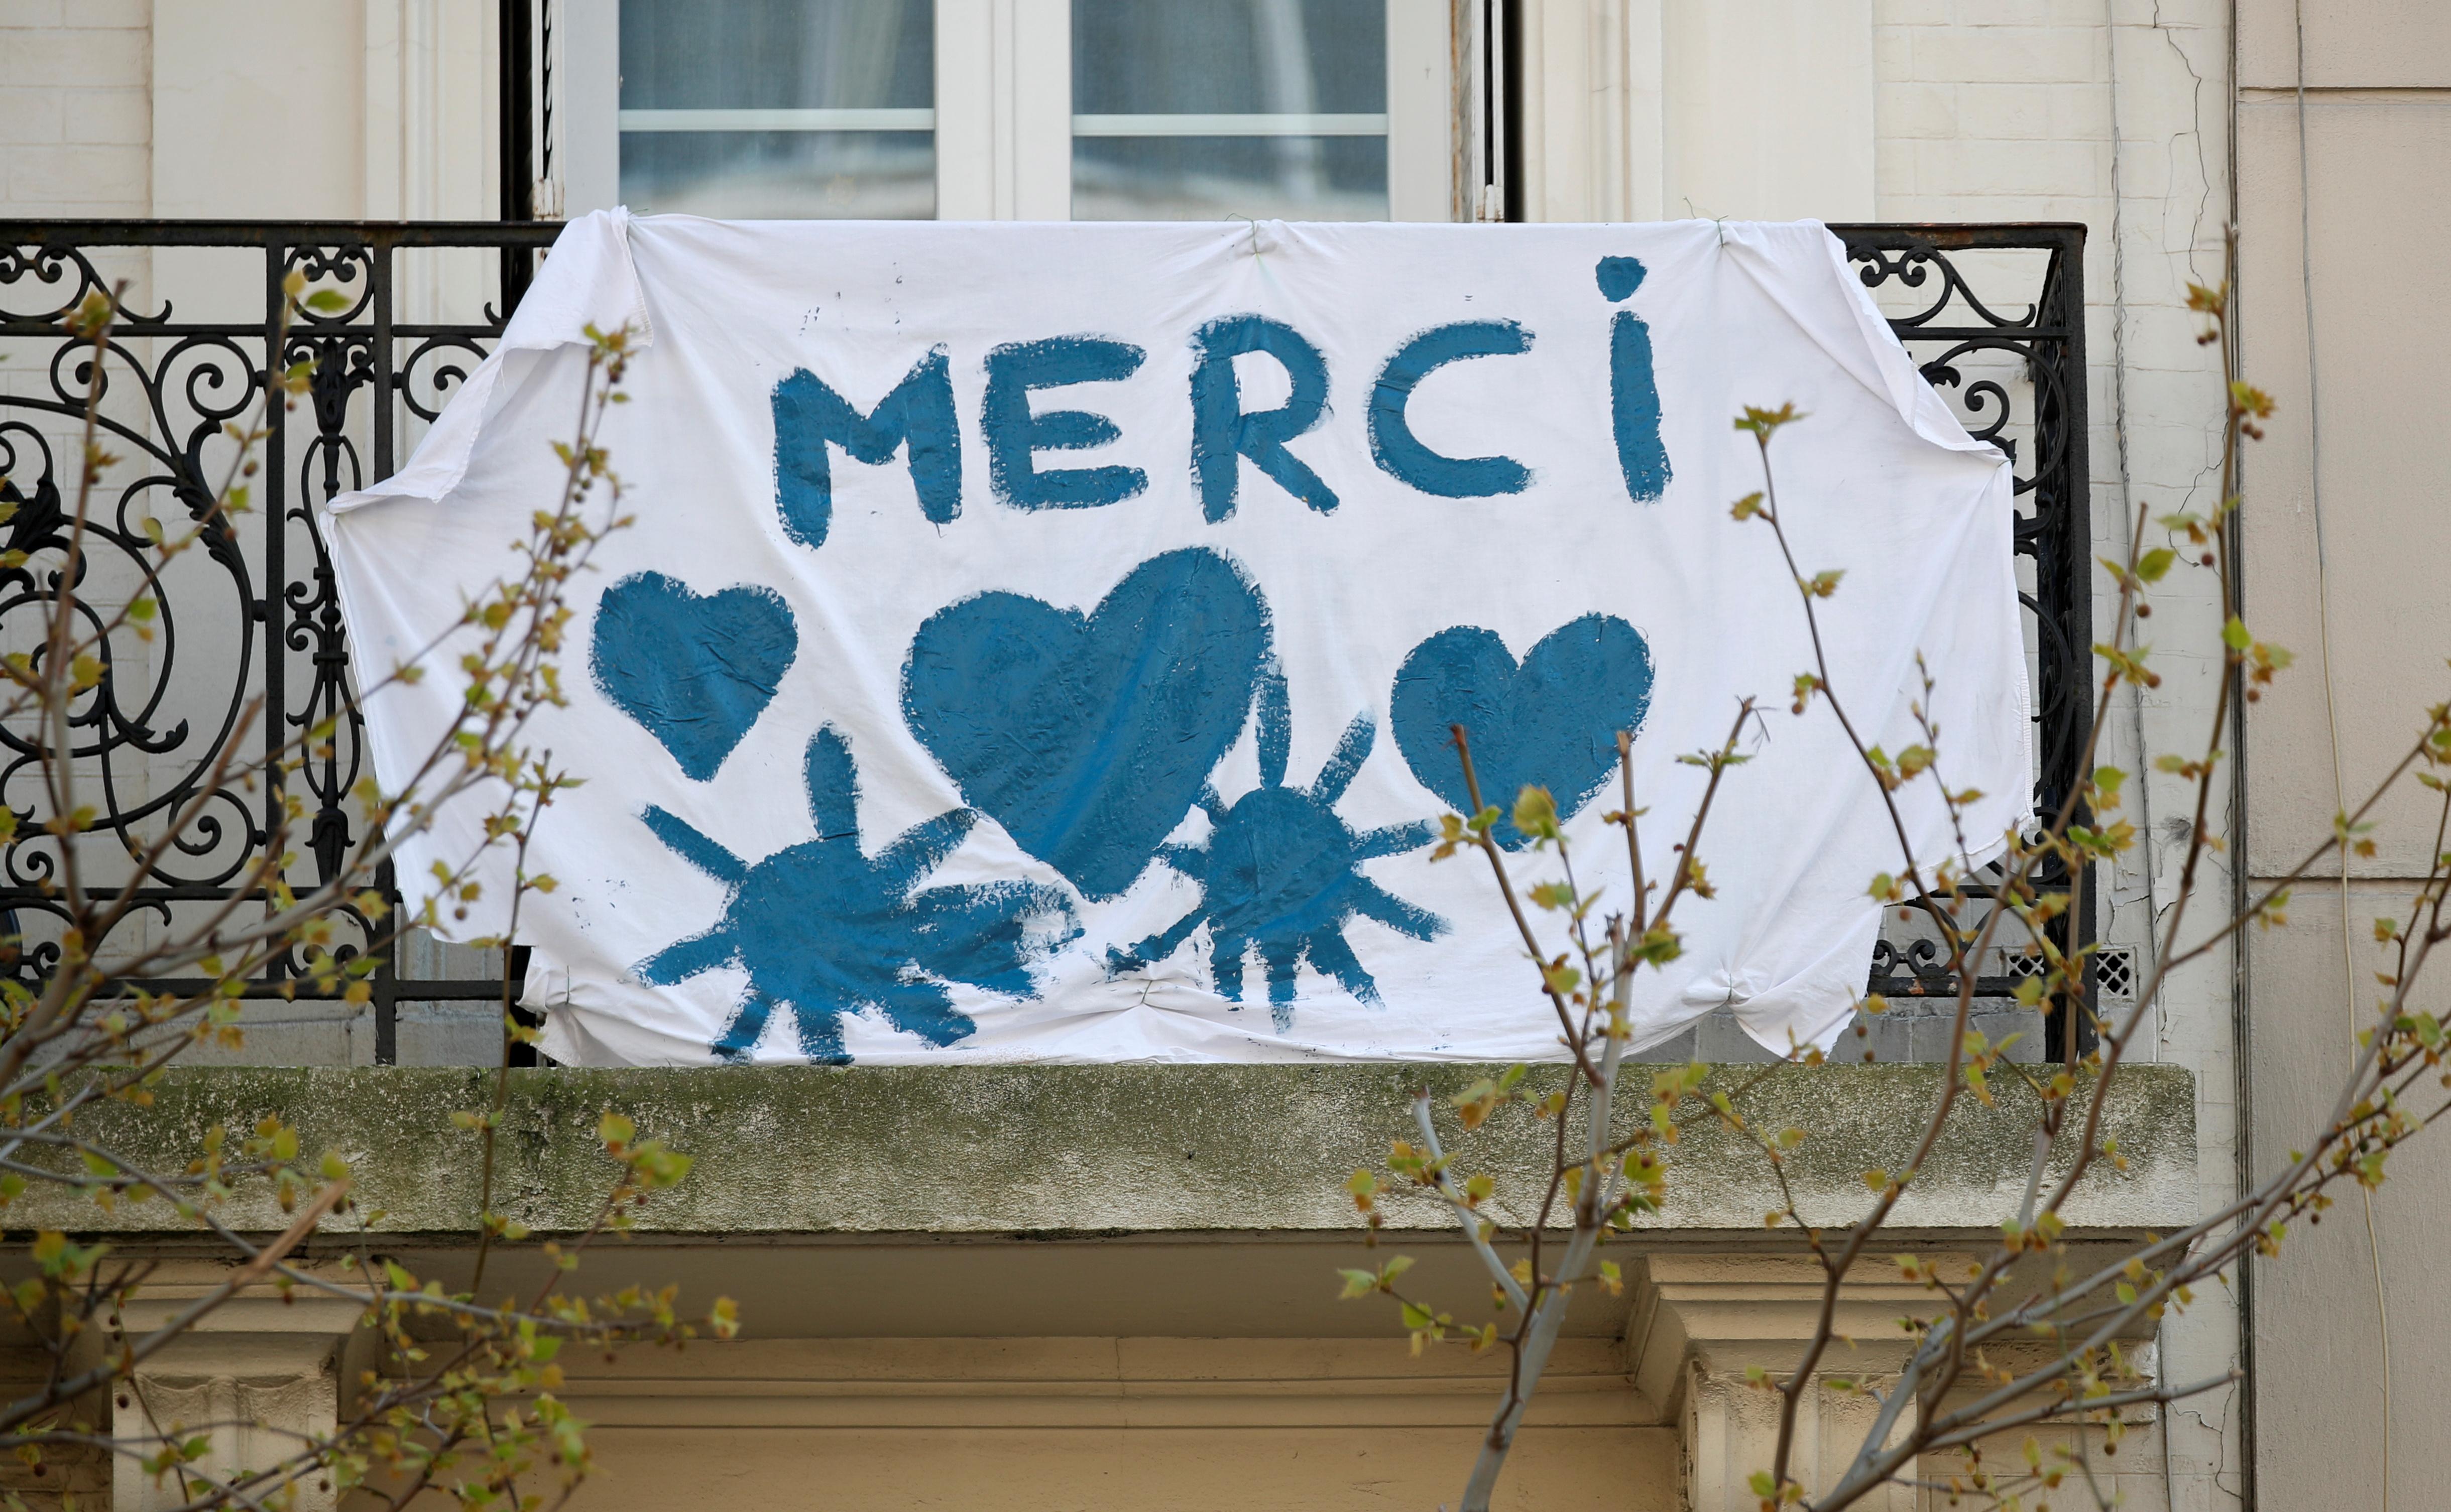 Un mensaje desde un balcón de Paris, Francia (REUTERS/Charles Platiau)